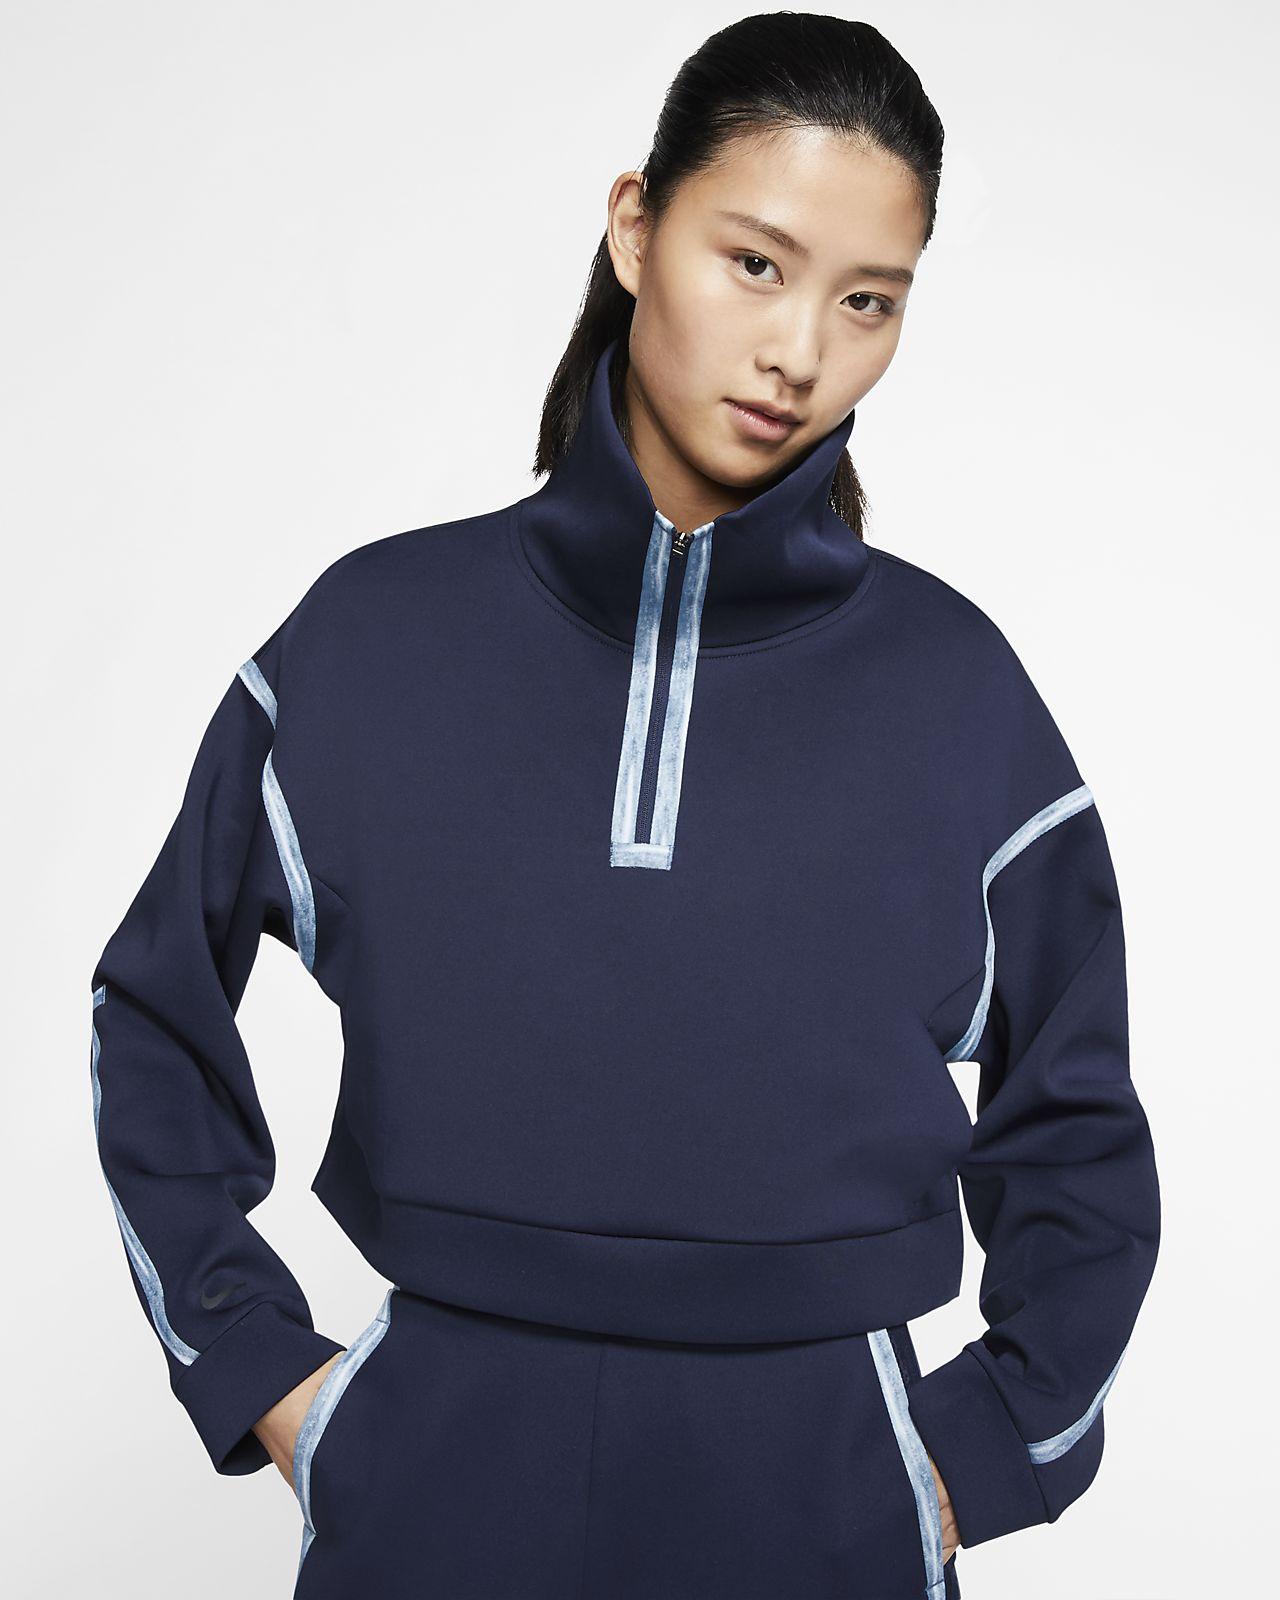 Nike City Ready treningsgenser i fleece med glidelås i 1/4 lengde til dame